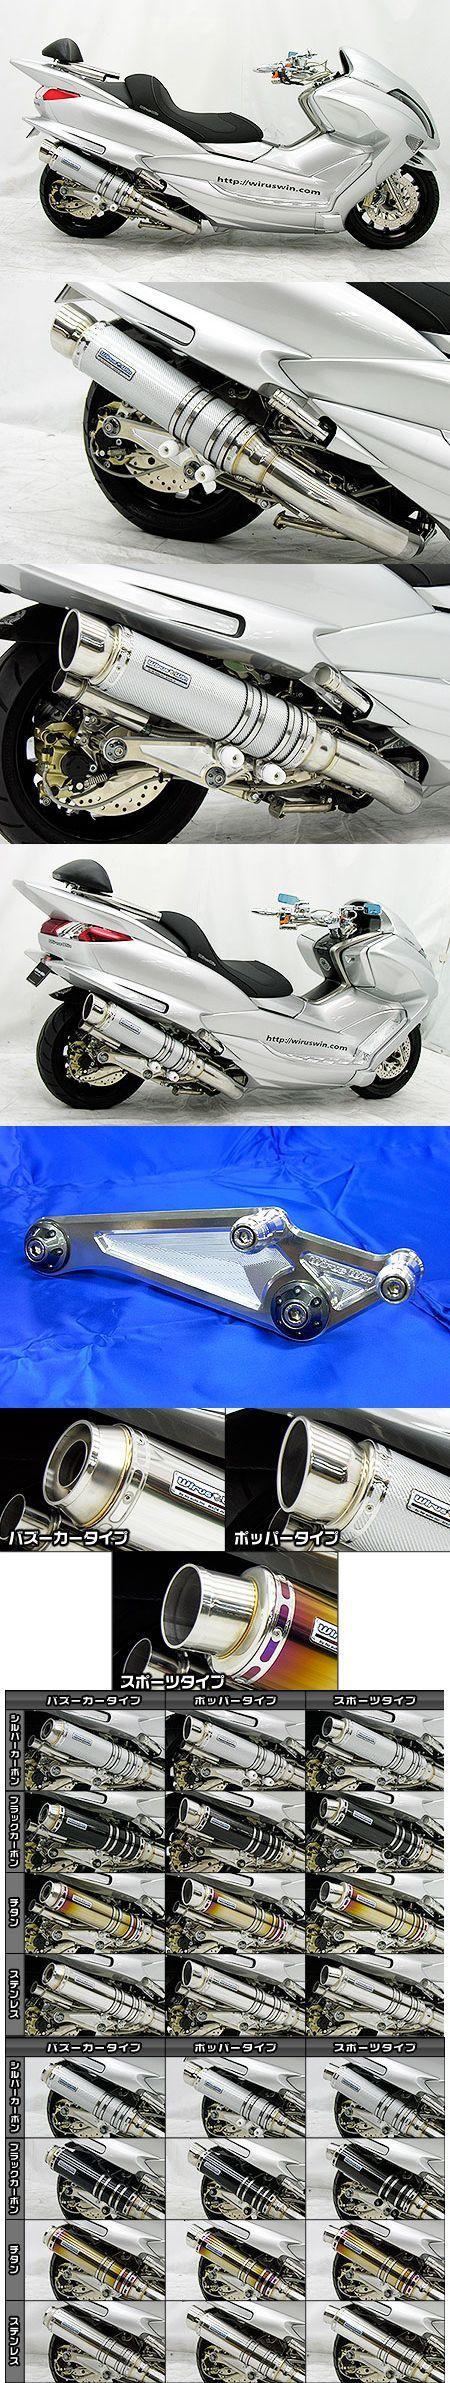 【WirusWin】Ultimate全段排氣管 銀色碳纖維款式 Popper型 - 「Webike-摩托百貨」